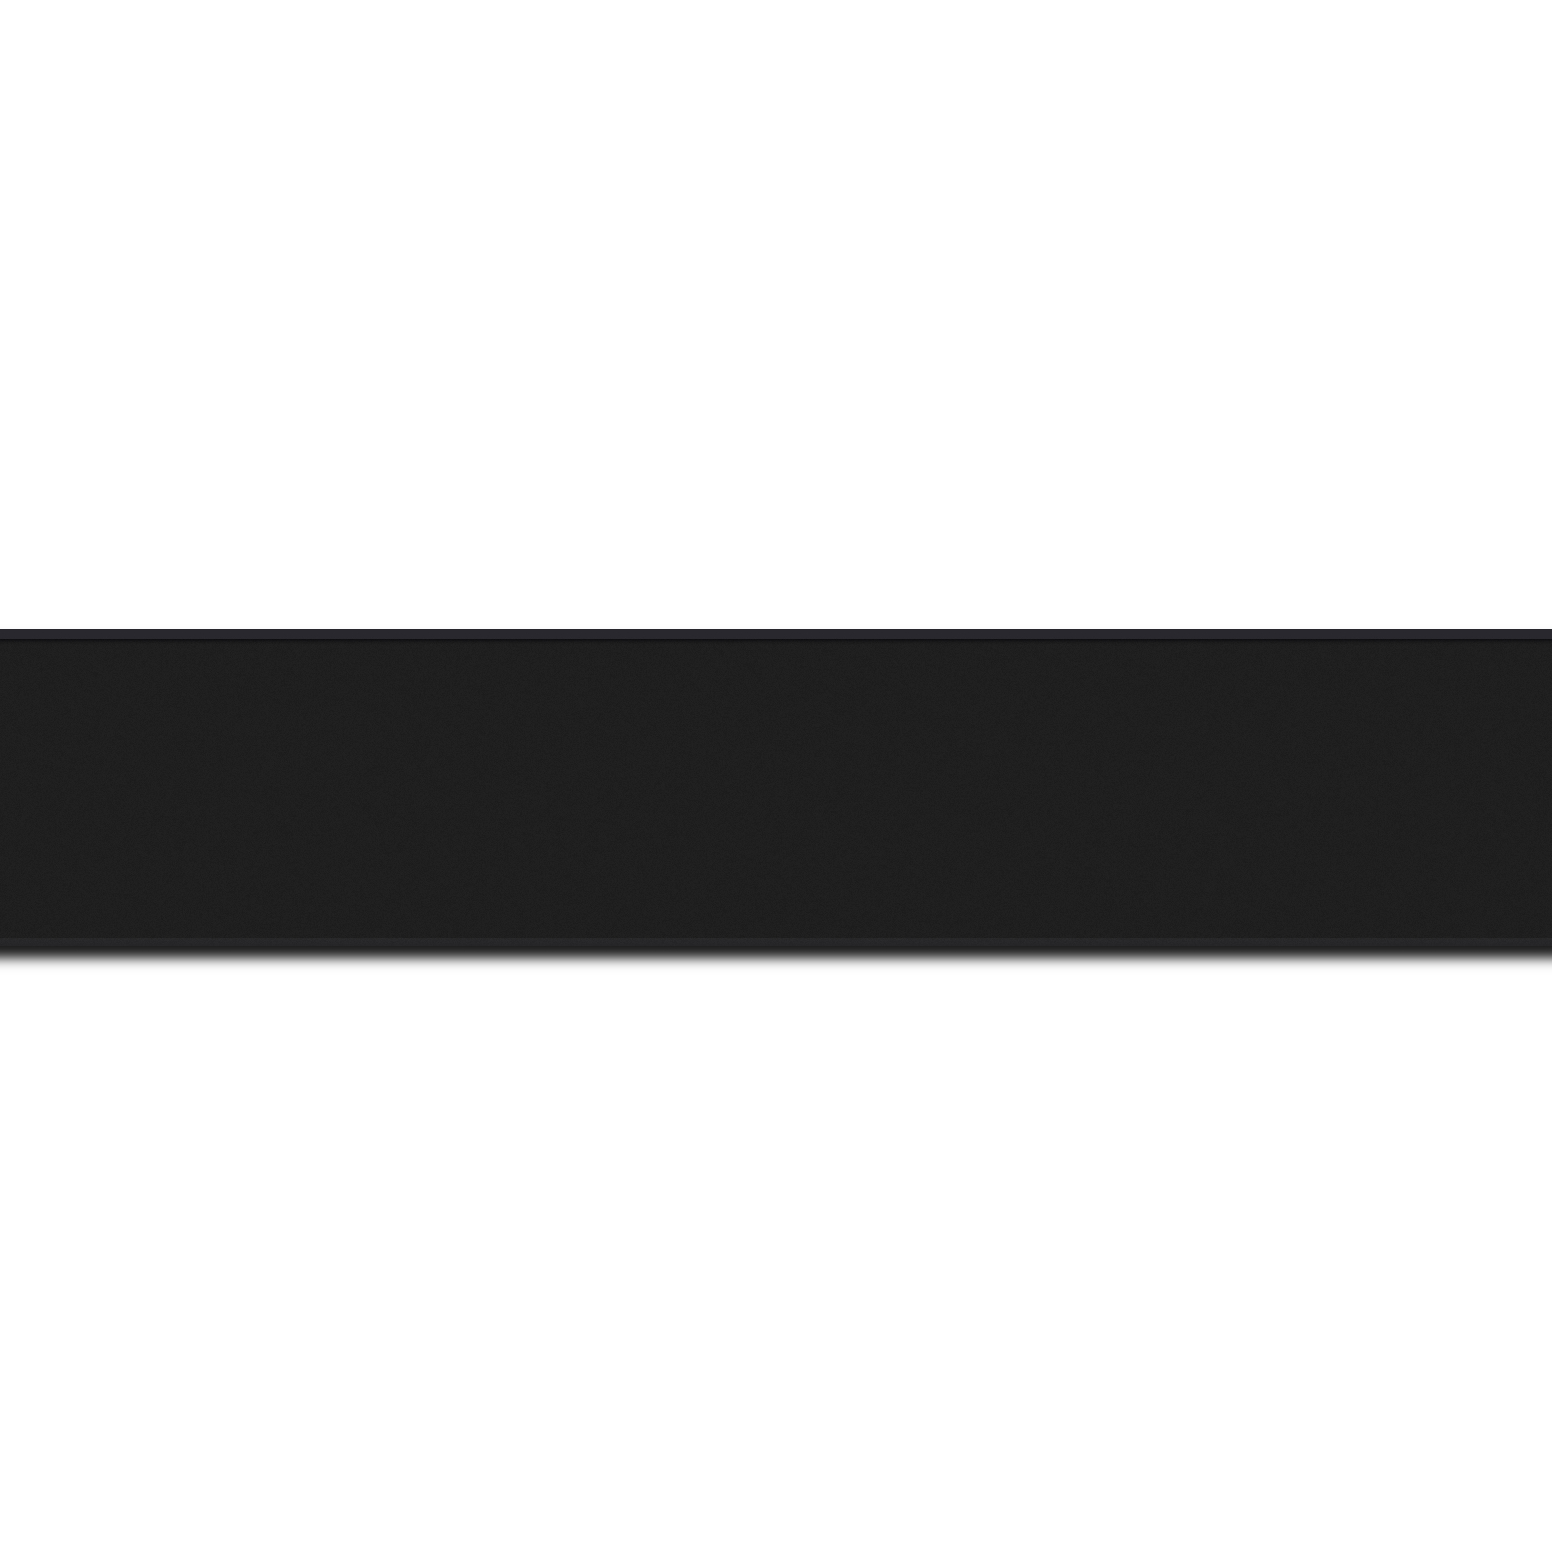 Baguette longueur 1.40m bois profil plat largeur 2.5cm hauteur 4.8cm couleur noir mat finition pore bouché (hauteur feuillure 4.3cm )